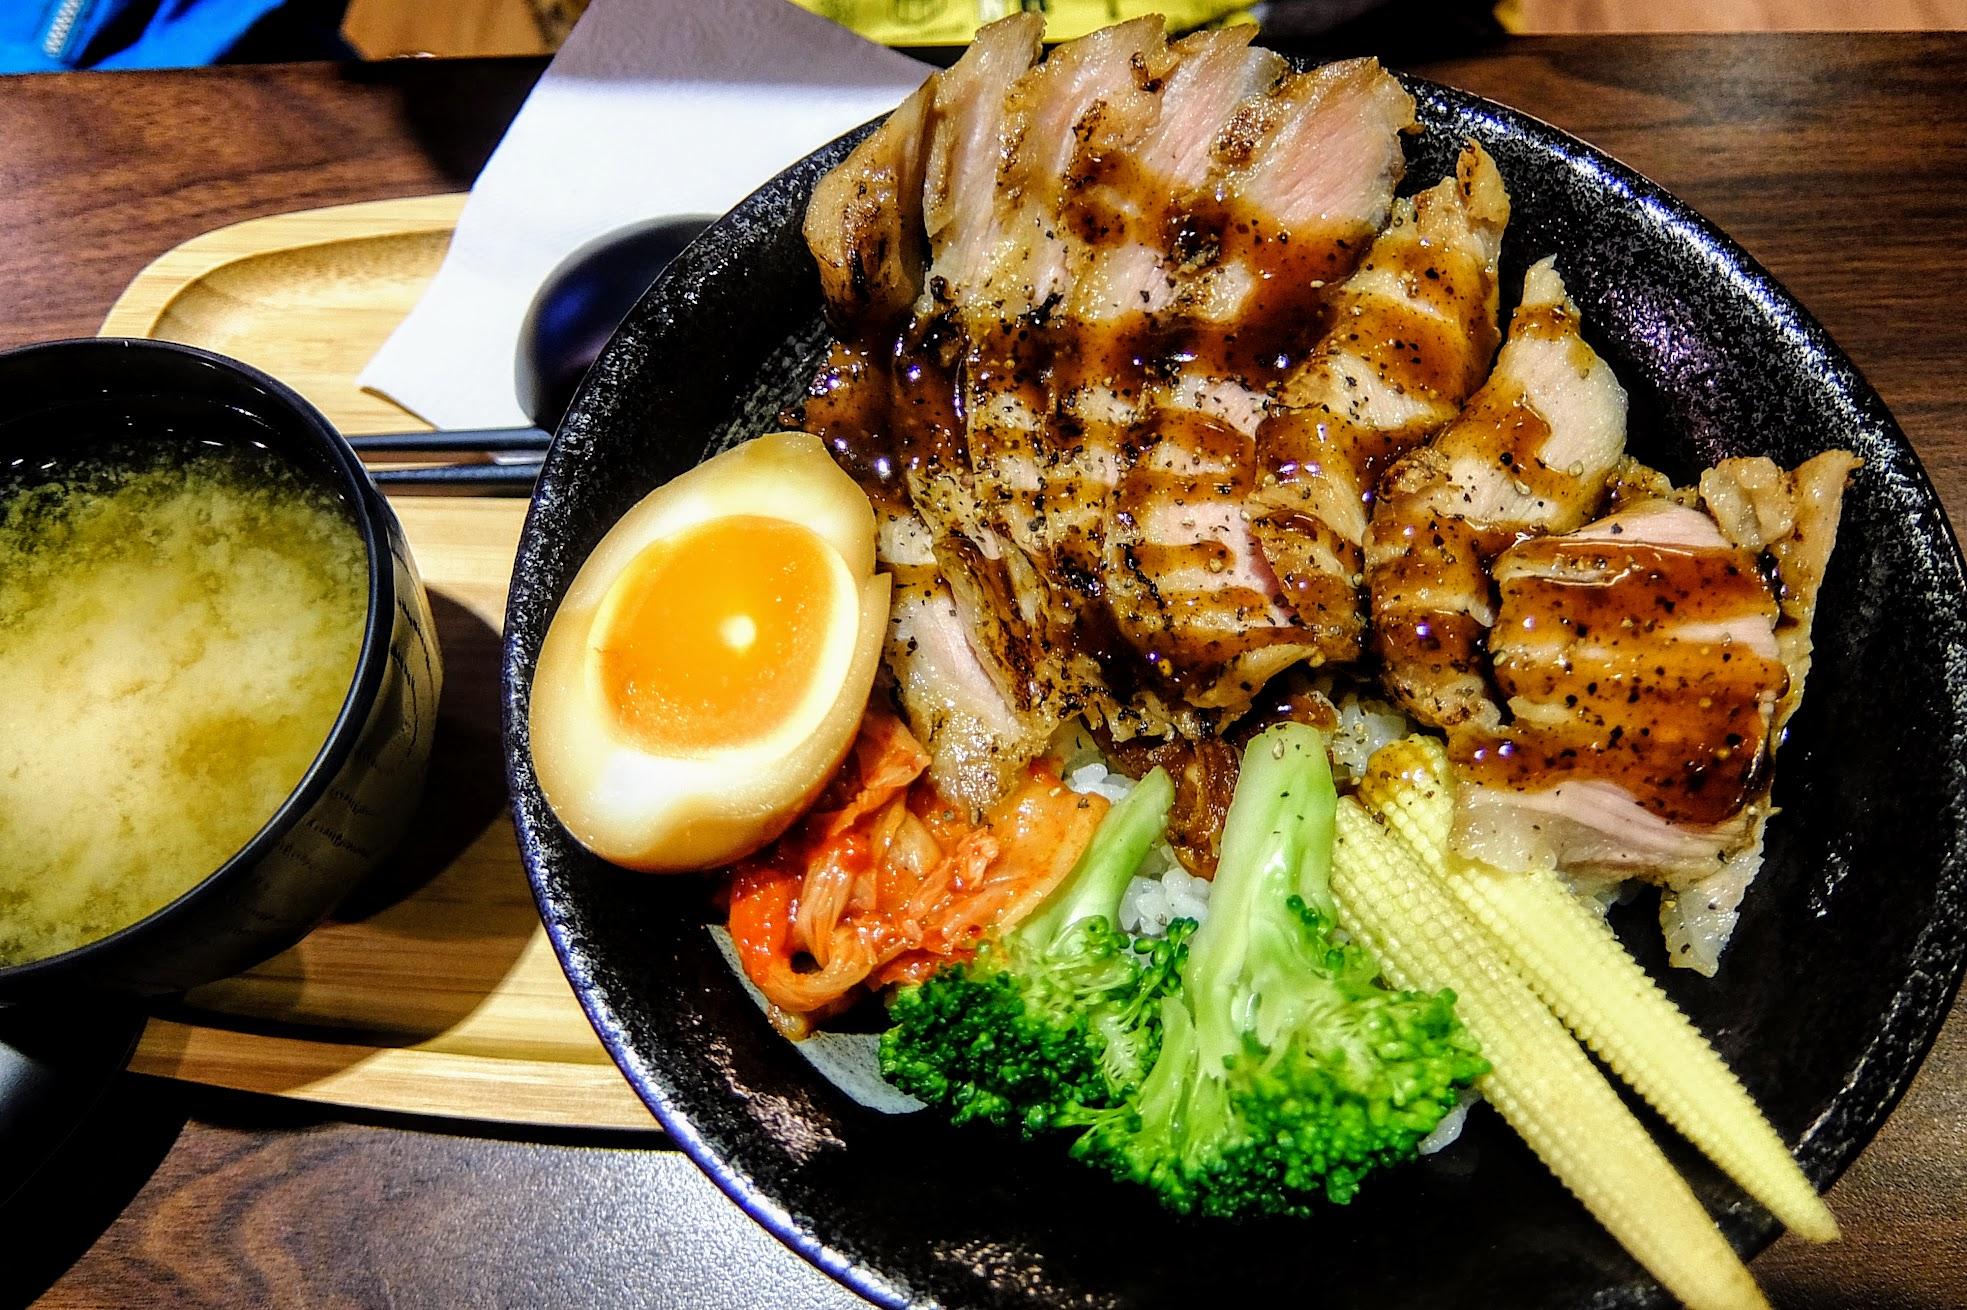 黑胡椒松阪豬丼飯,配菜相同,不同的是主餐點啦!肉片給的多喔